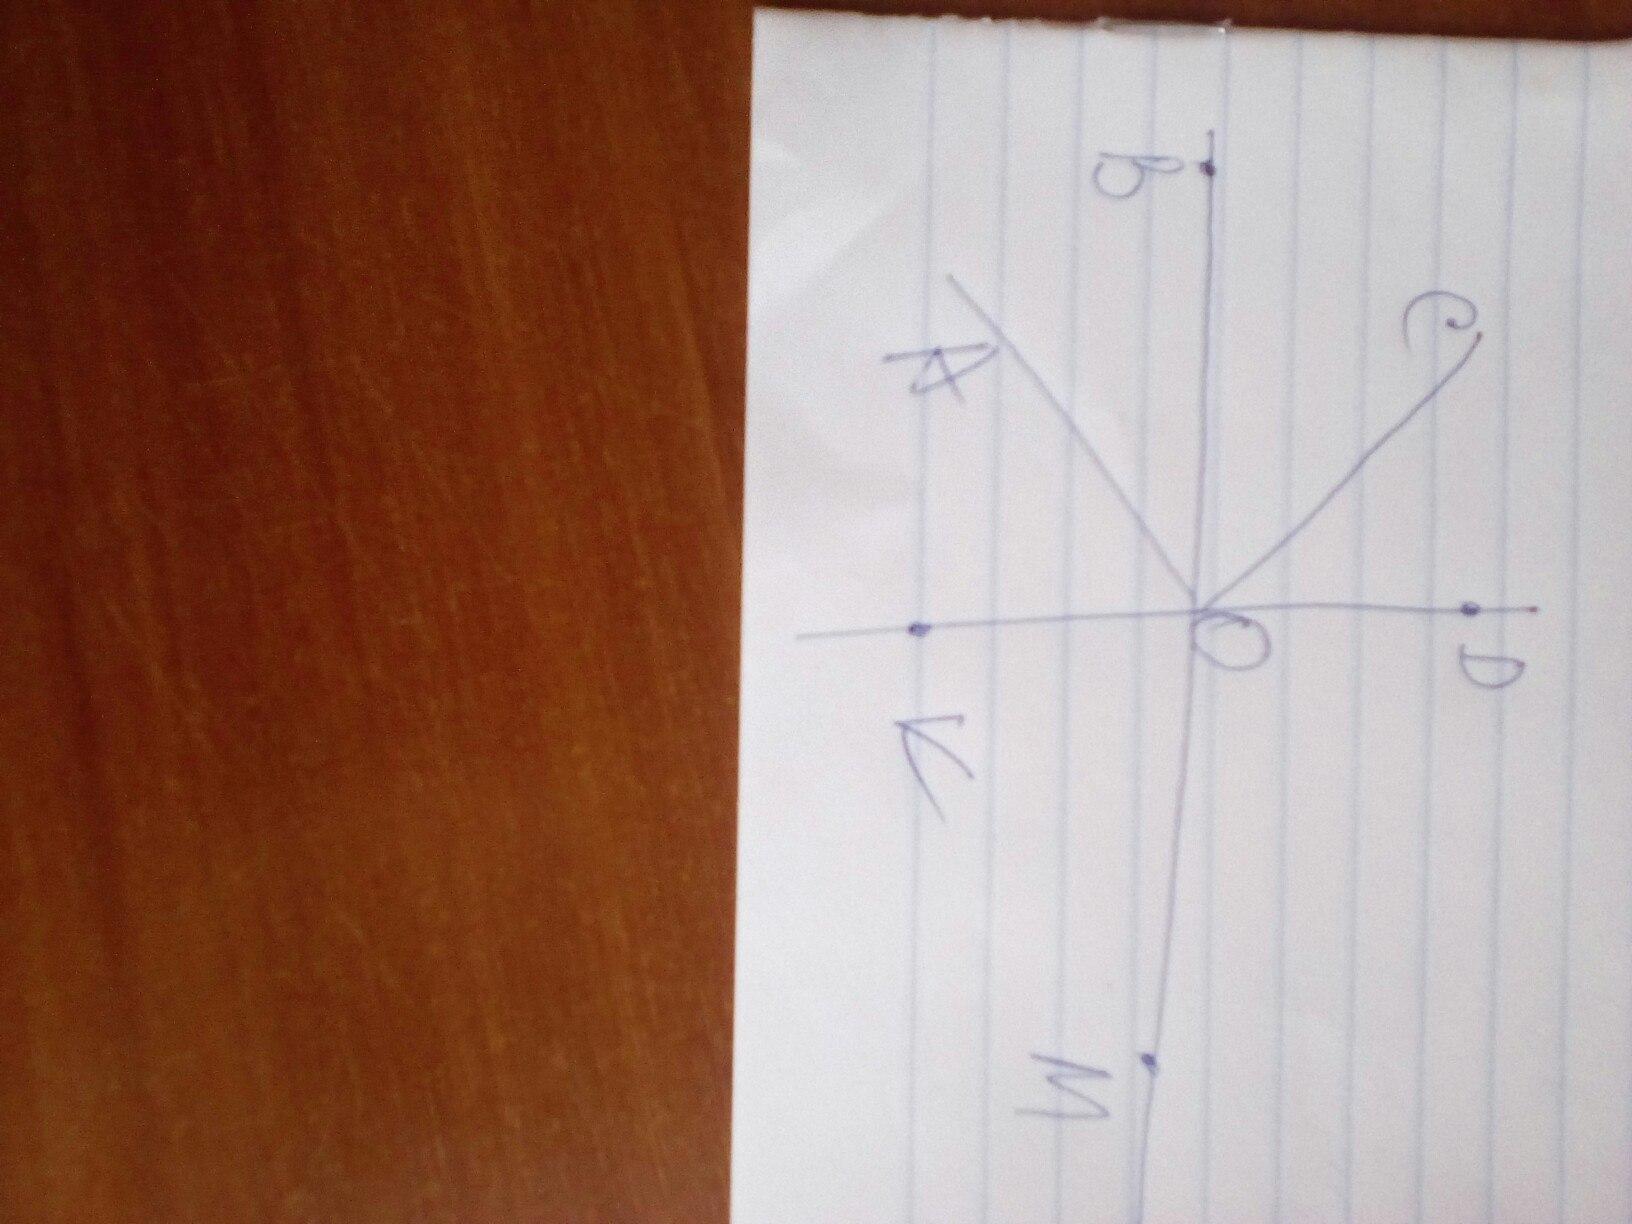 ВМ перпендикулярна DK, угол СОА = 90 градусов. Доказать , что угол COD = углу ВОА.